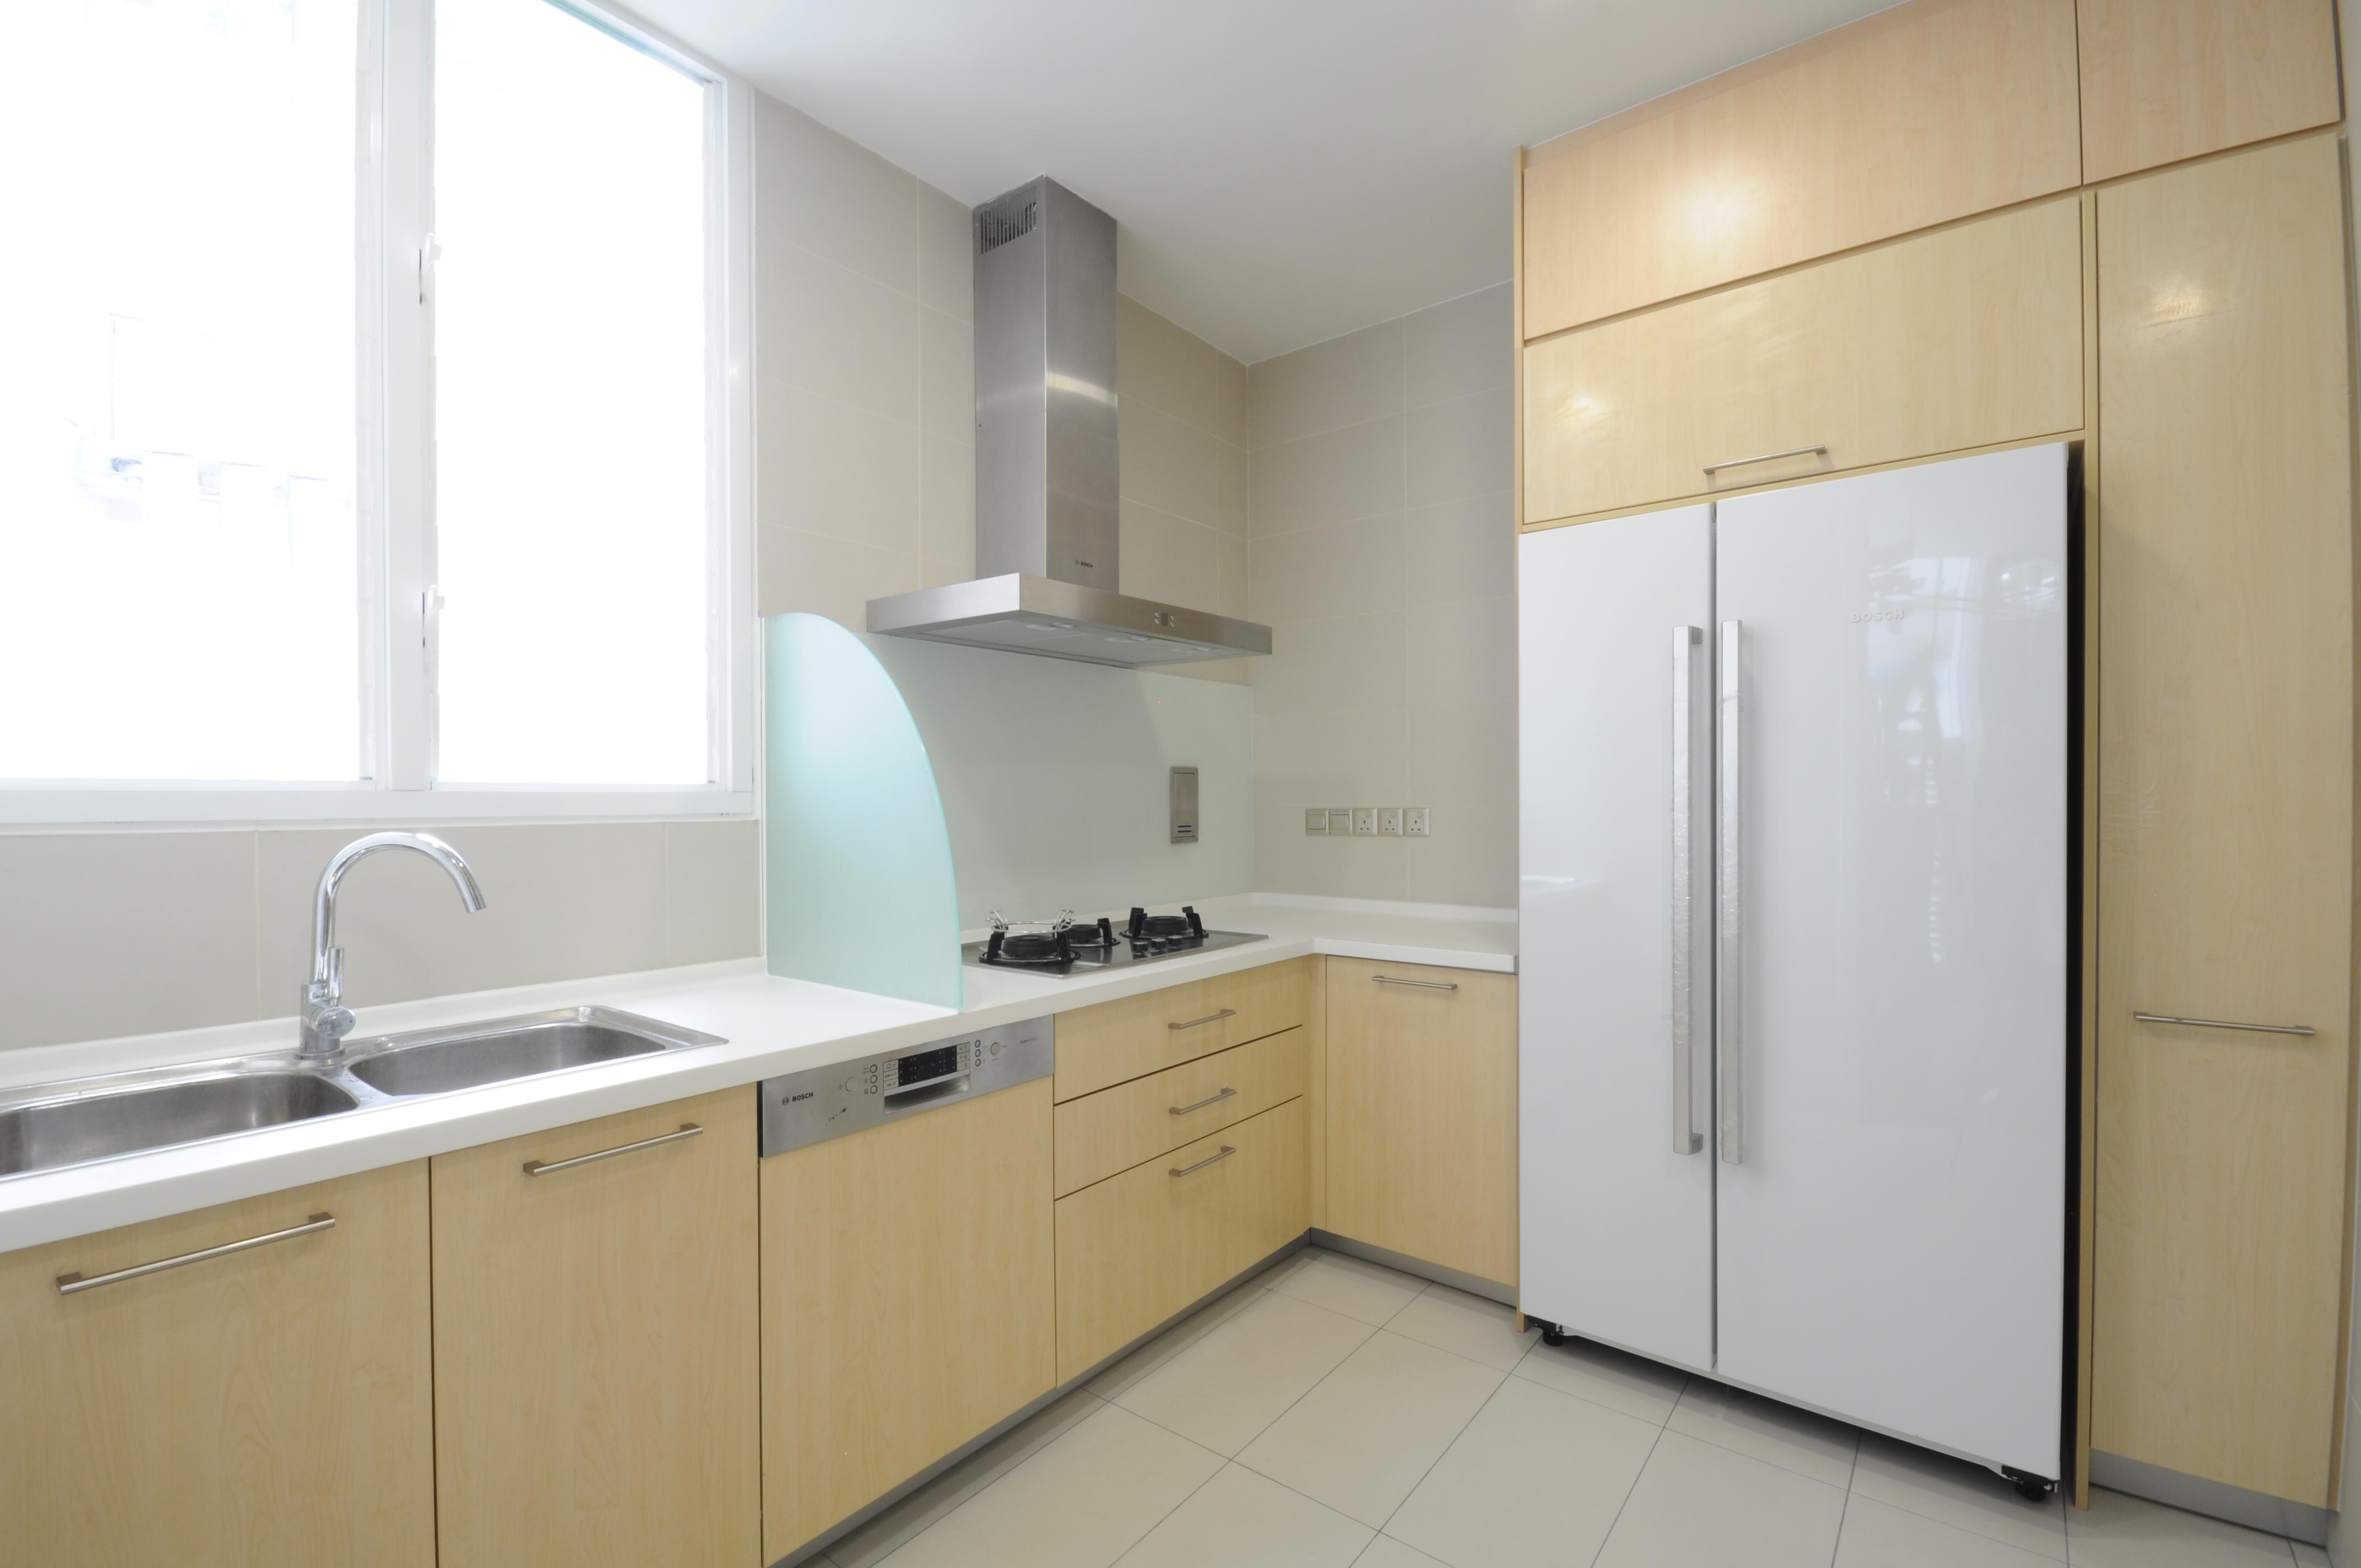 View In Gallery Idea Kabinet Dapur Berkonsepkan Natural Menggunakan Elemen Kayu